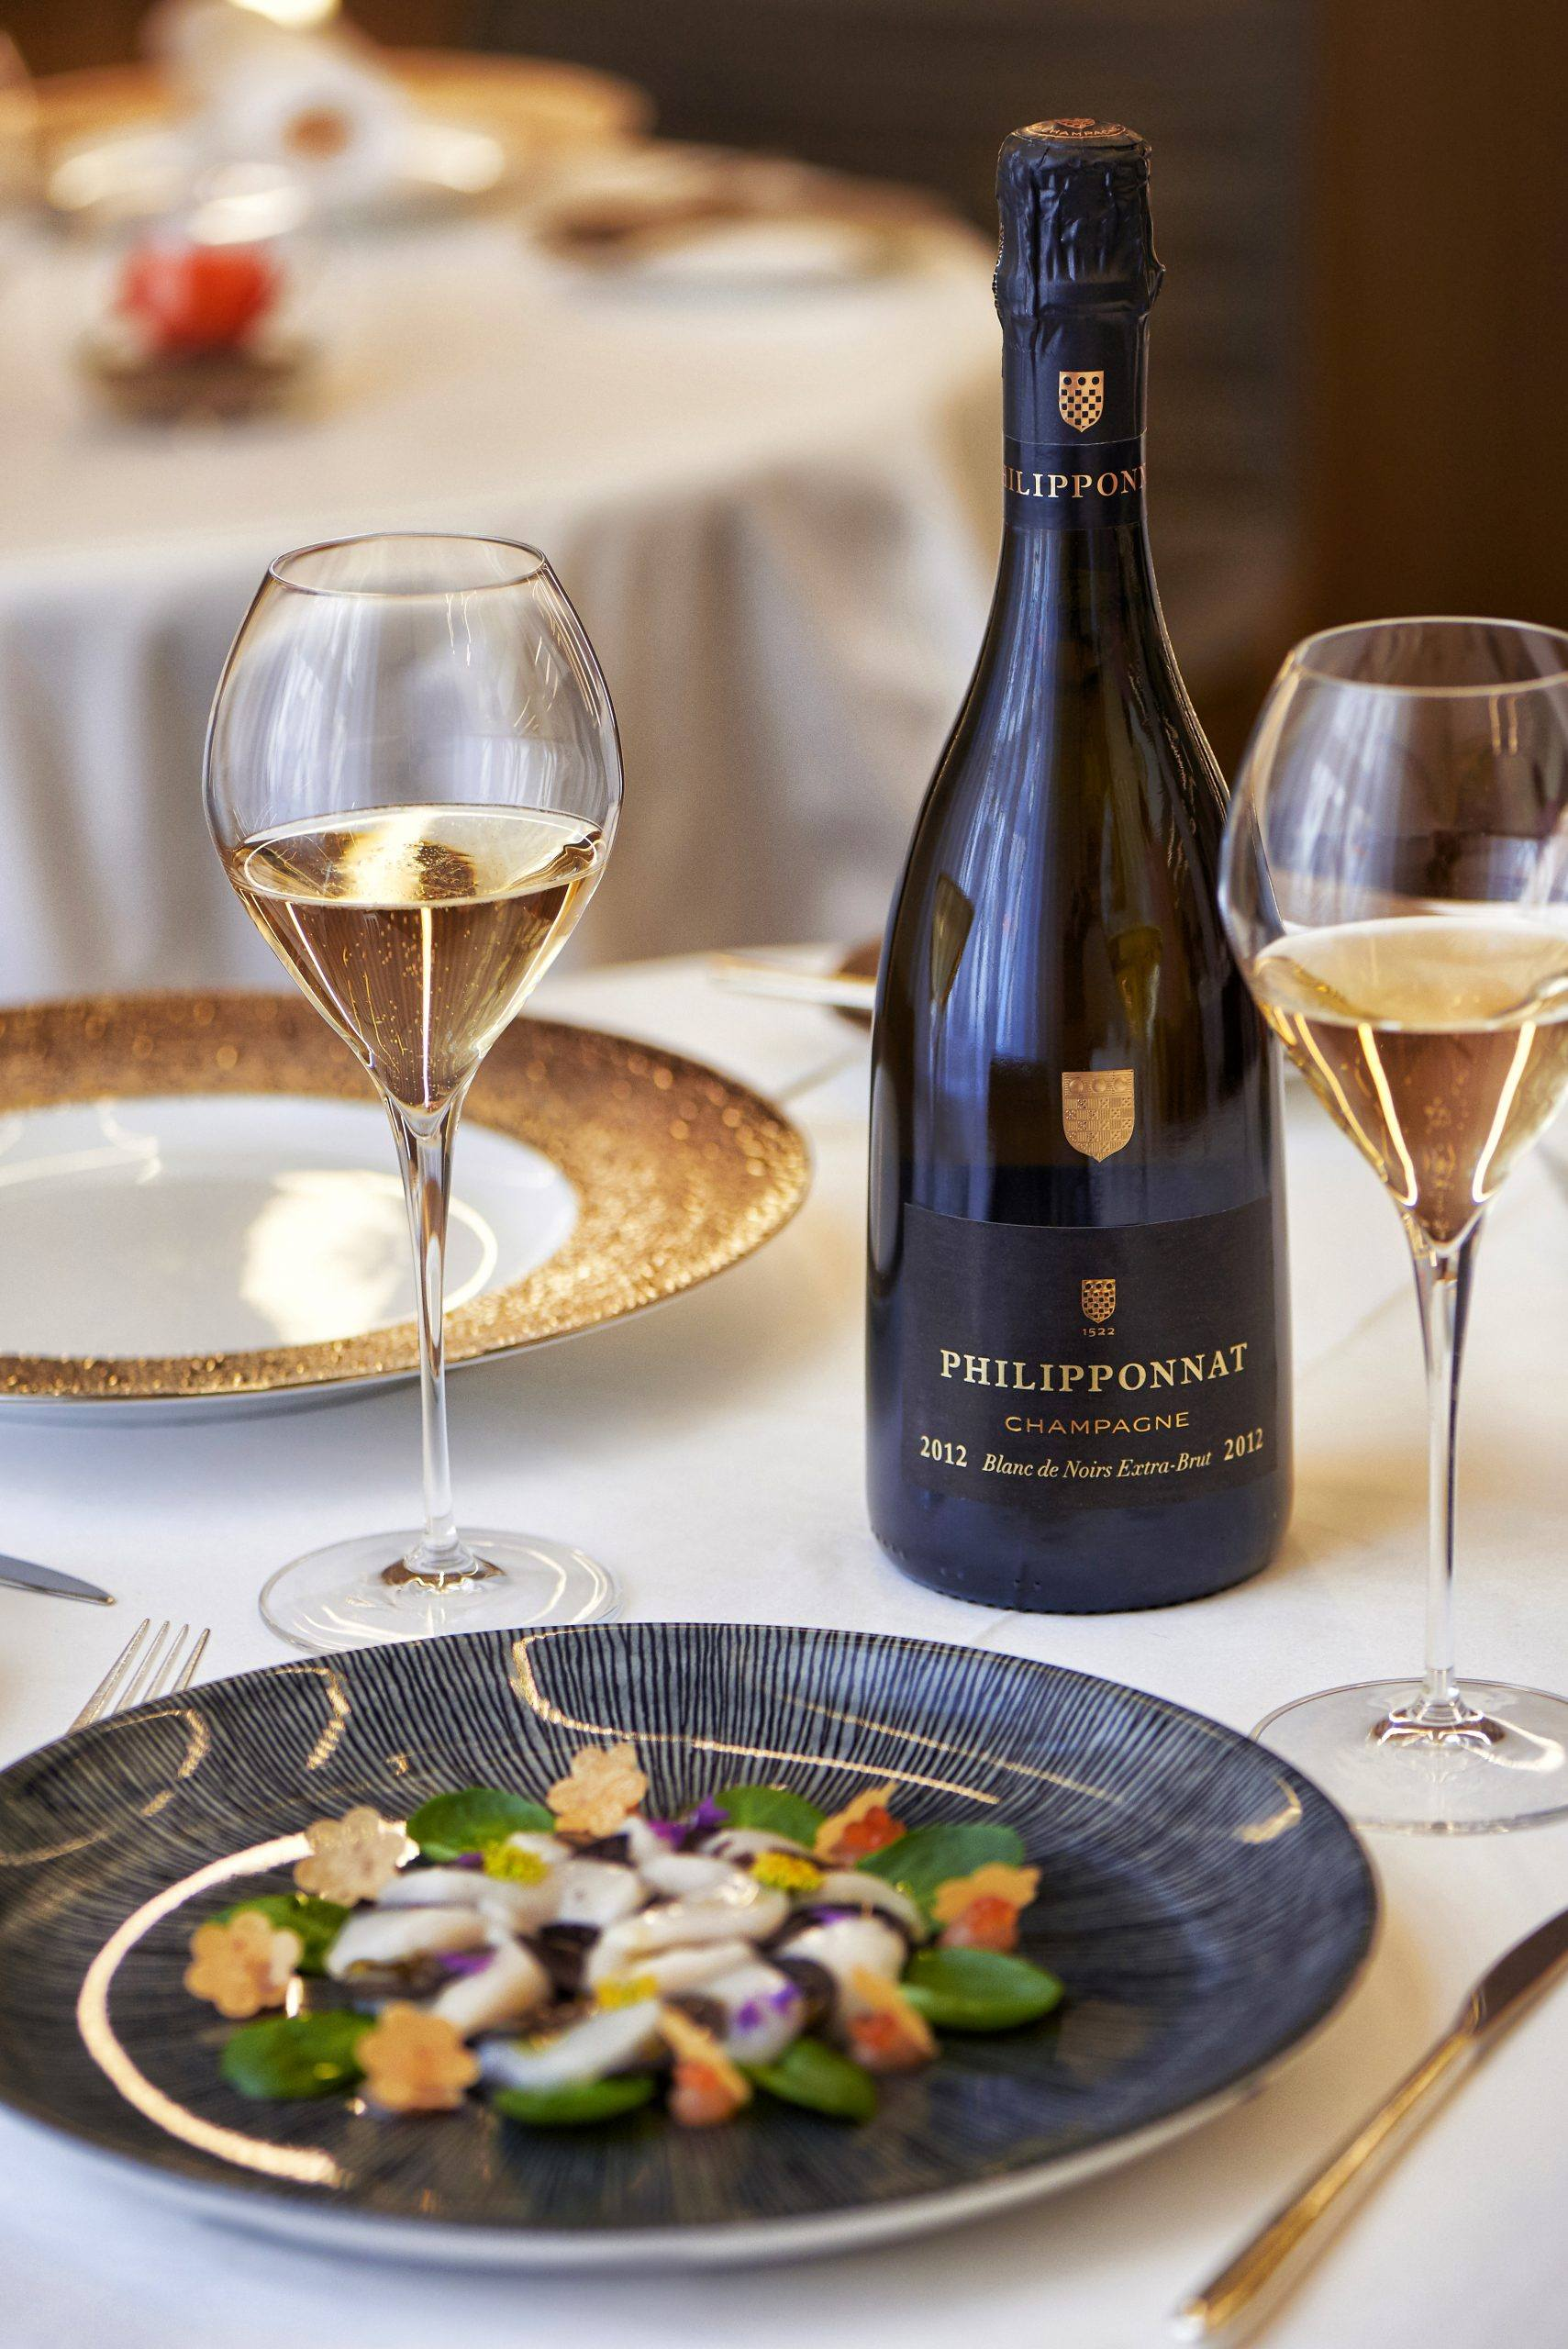 Blanc de Noirs Extra-Brut 2014 - Champagne Philipponnat